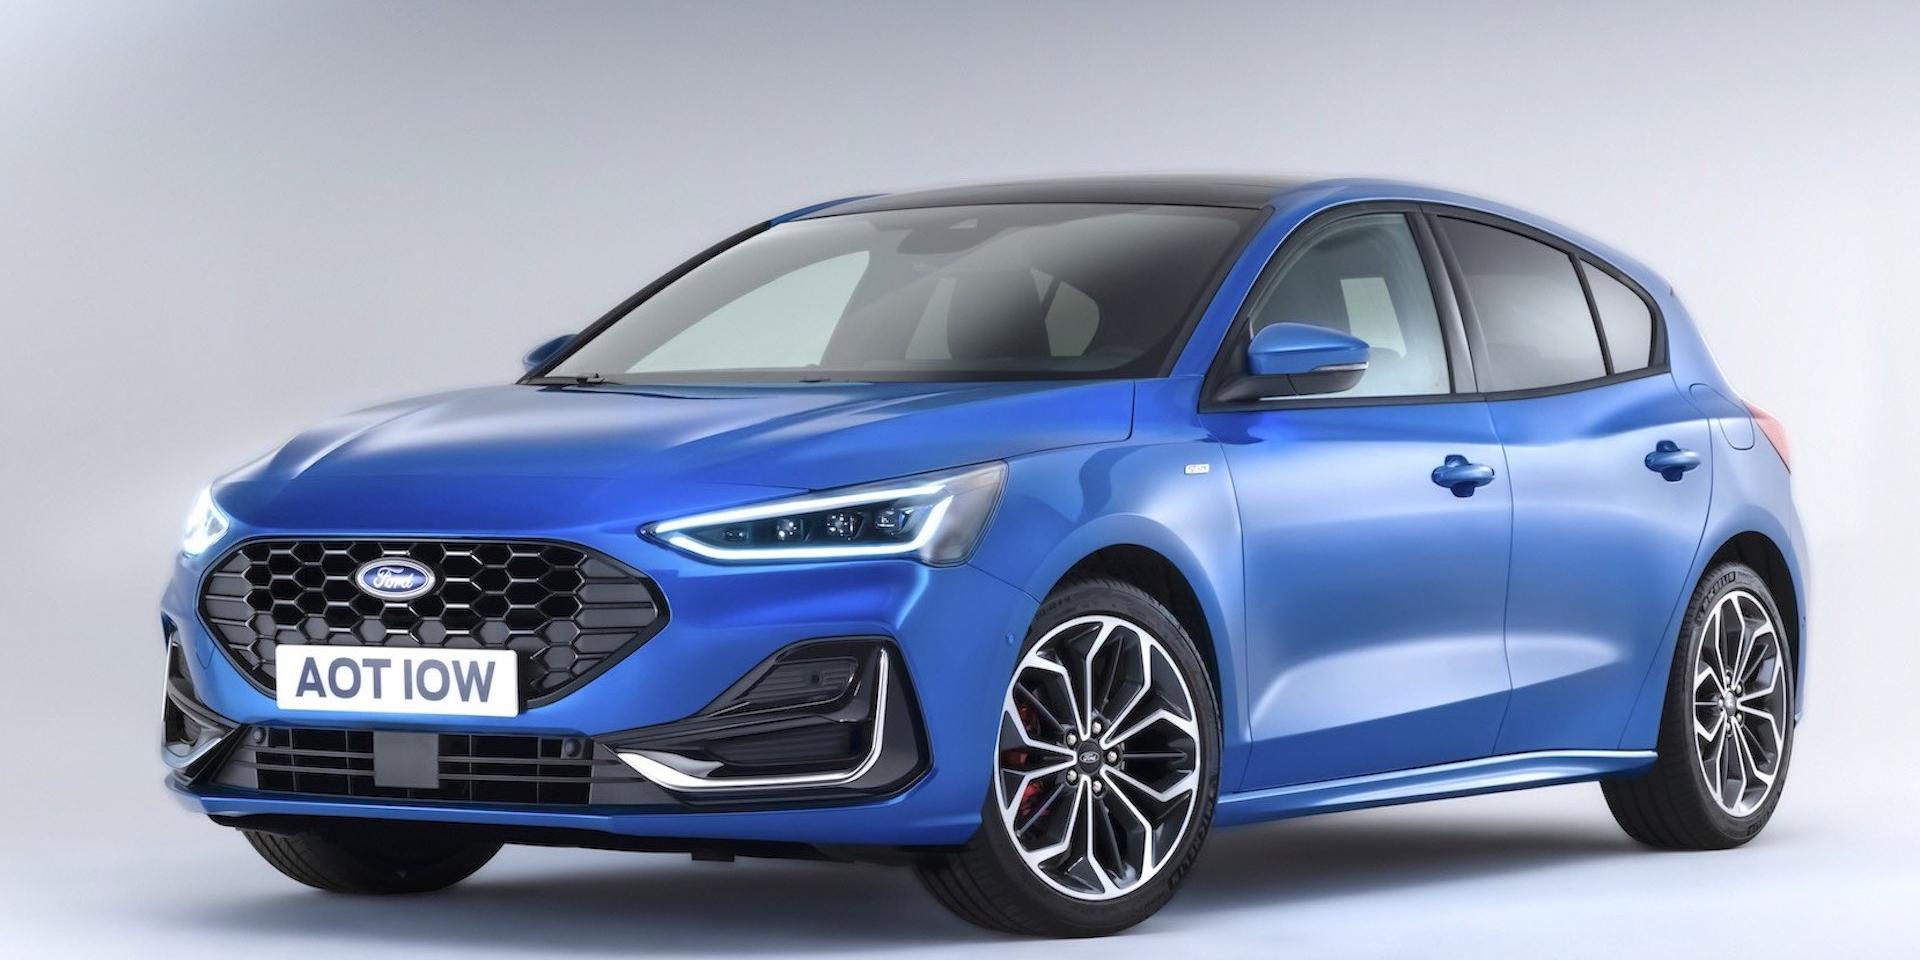 超大螢幕上身 換回七速雙離合器!Ford Focus小改款主動安全系統也升級!